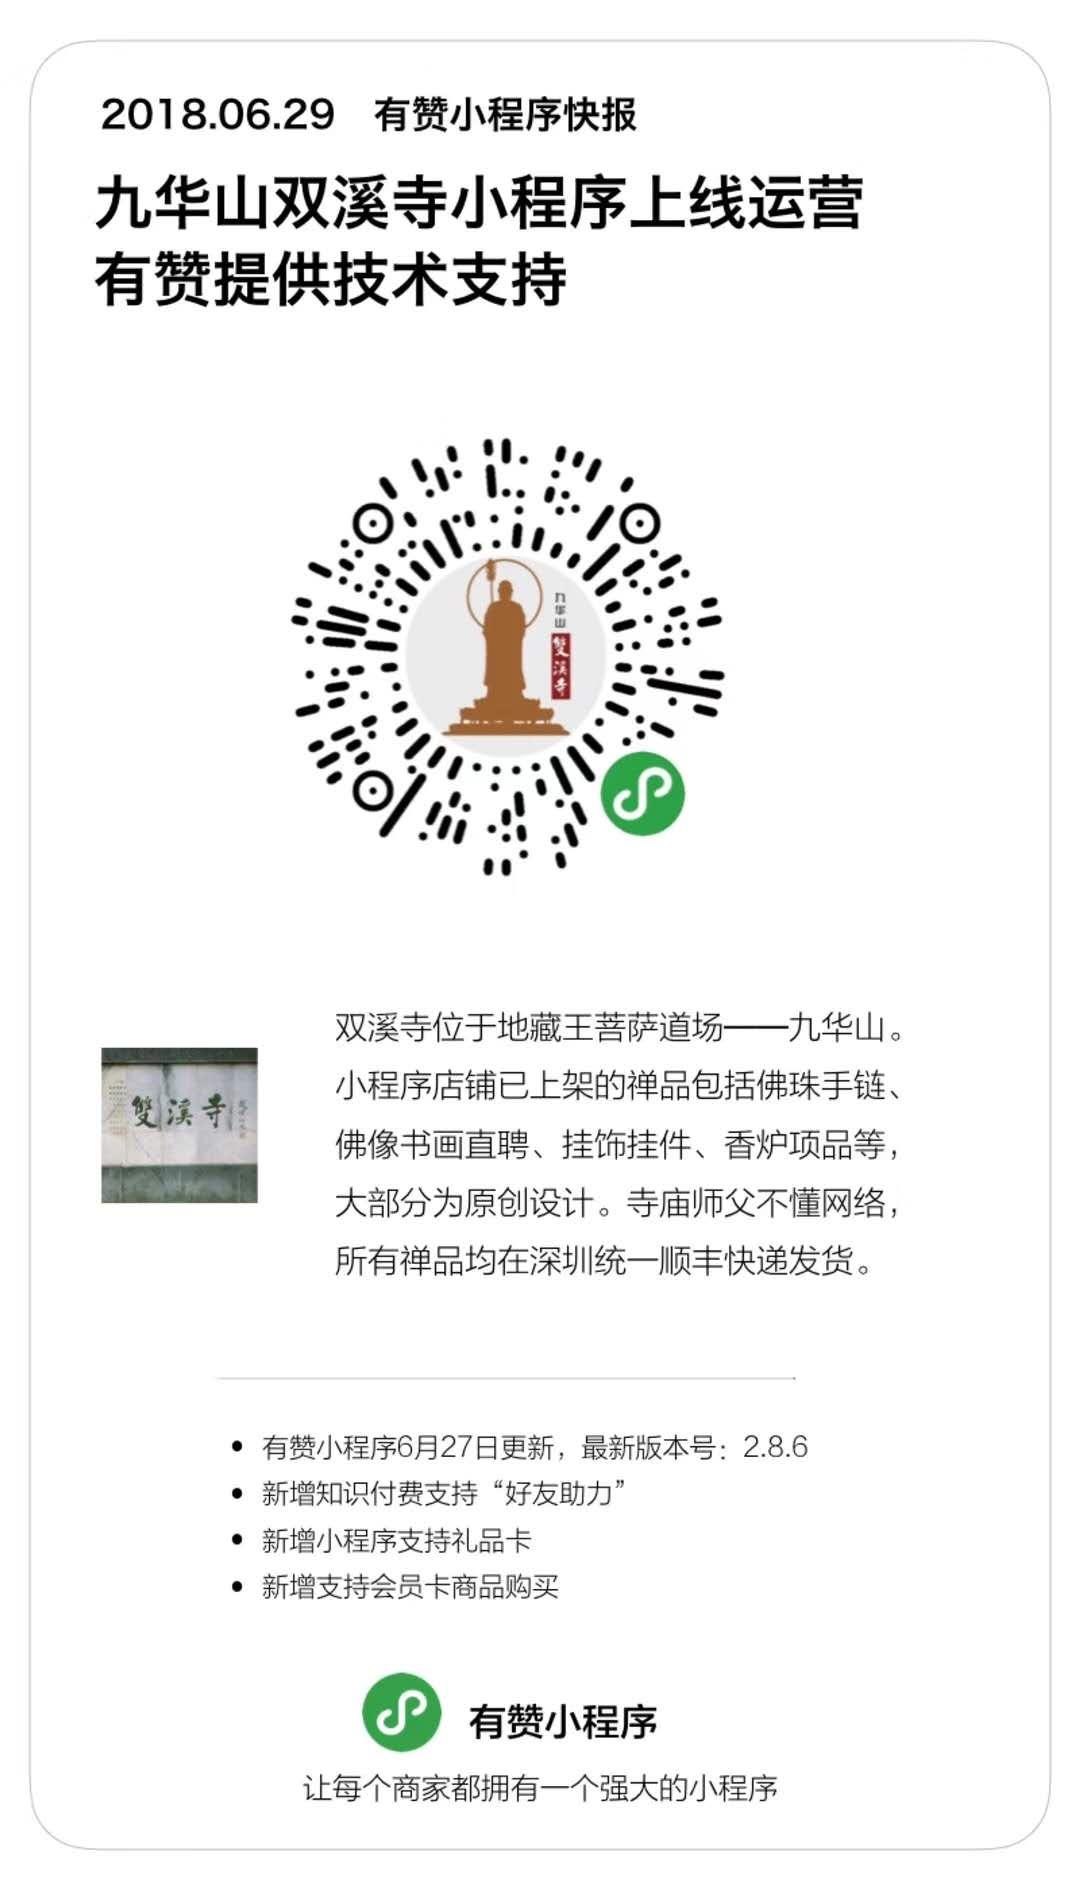 民俗文化-九华山双溪寺案例图片